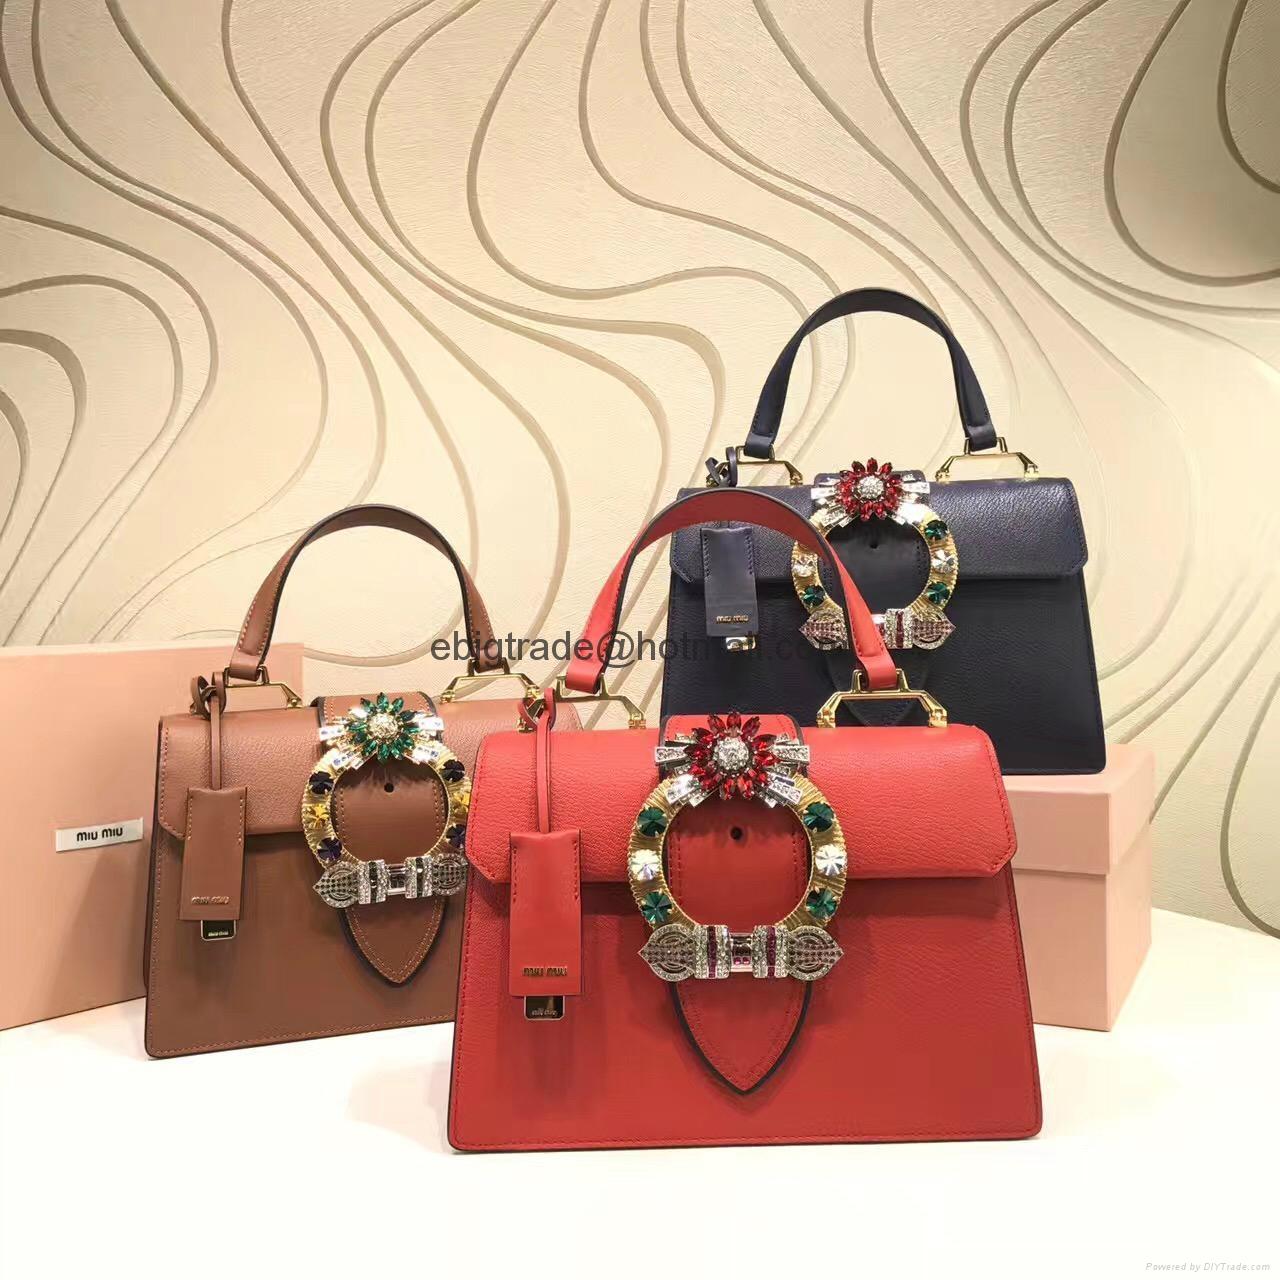 ba29b965e2c7 ... Cheap MIU MIU Handbags discount MIU MIU Handbags replica MIU MIU bags  on sale 14 ...